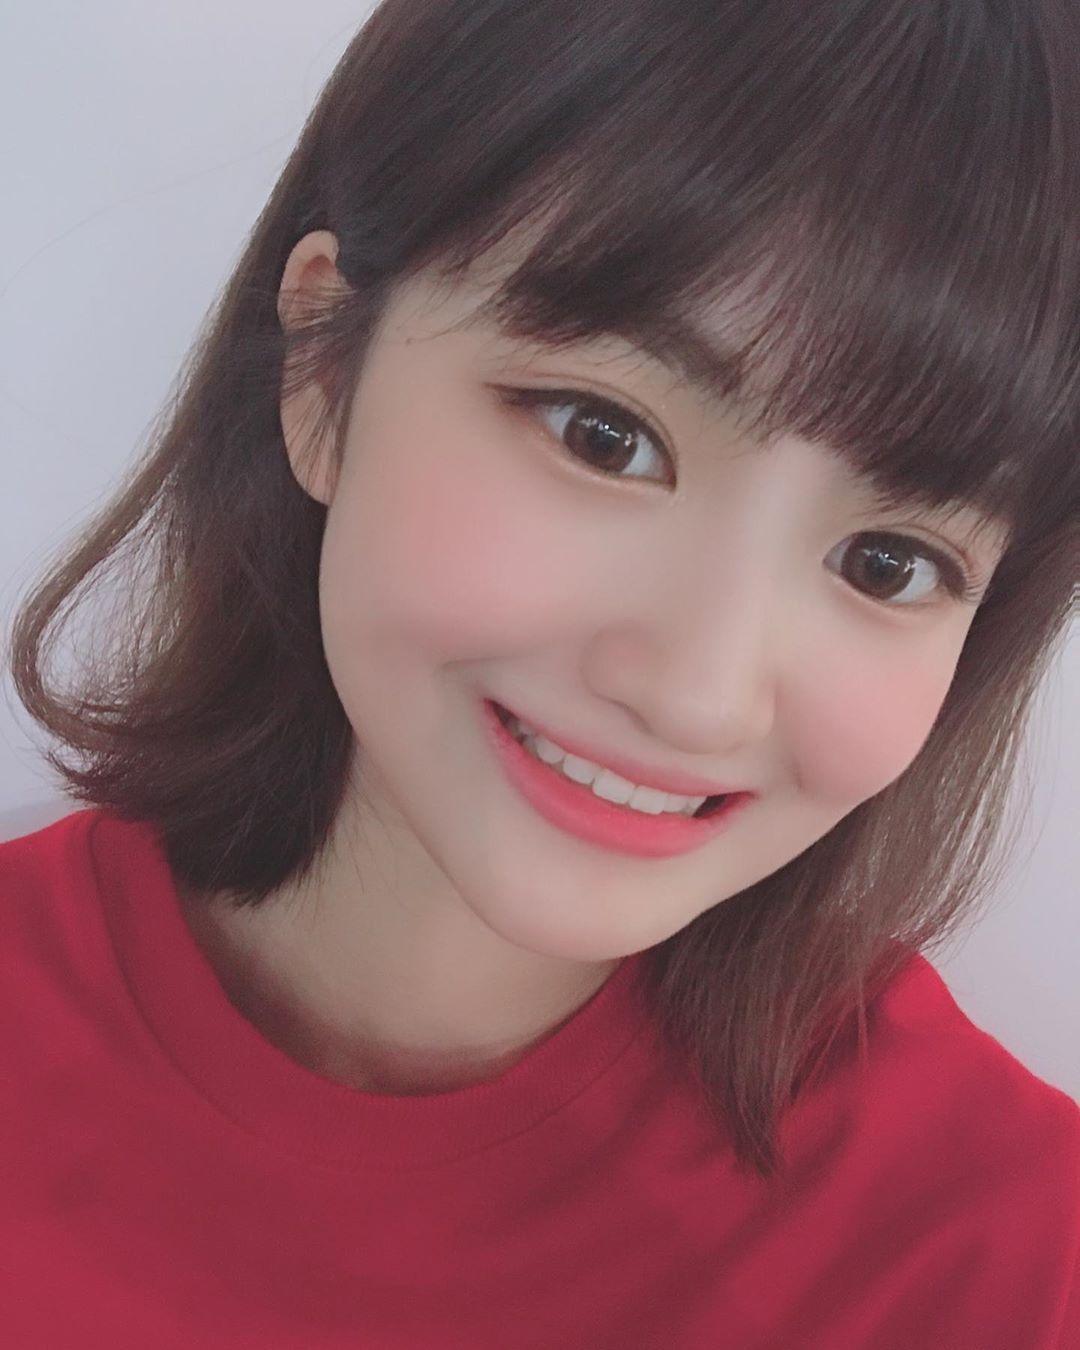 Yuki kpop kdrama bts exo kpoparmy Yuki, Saturday